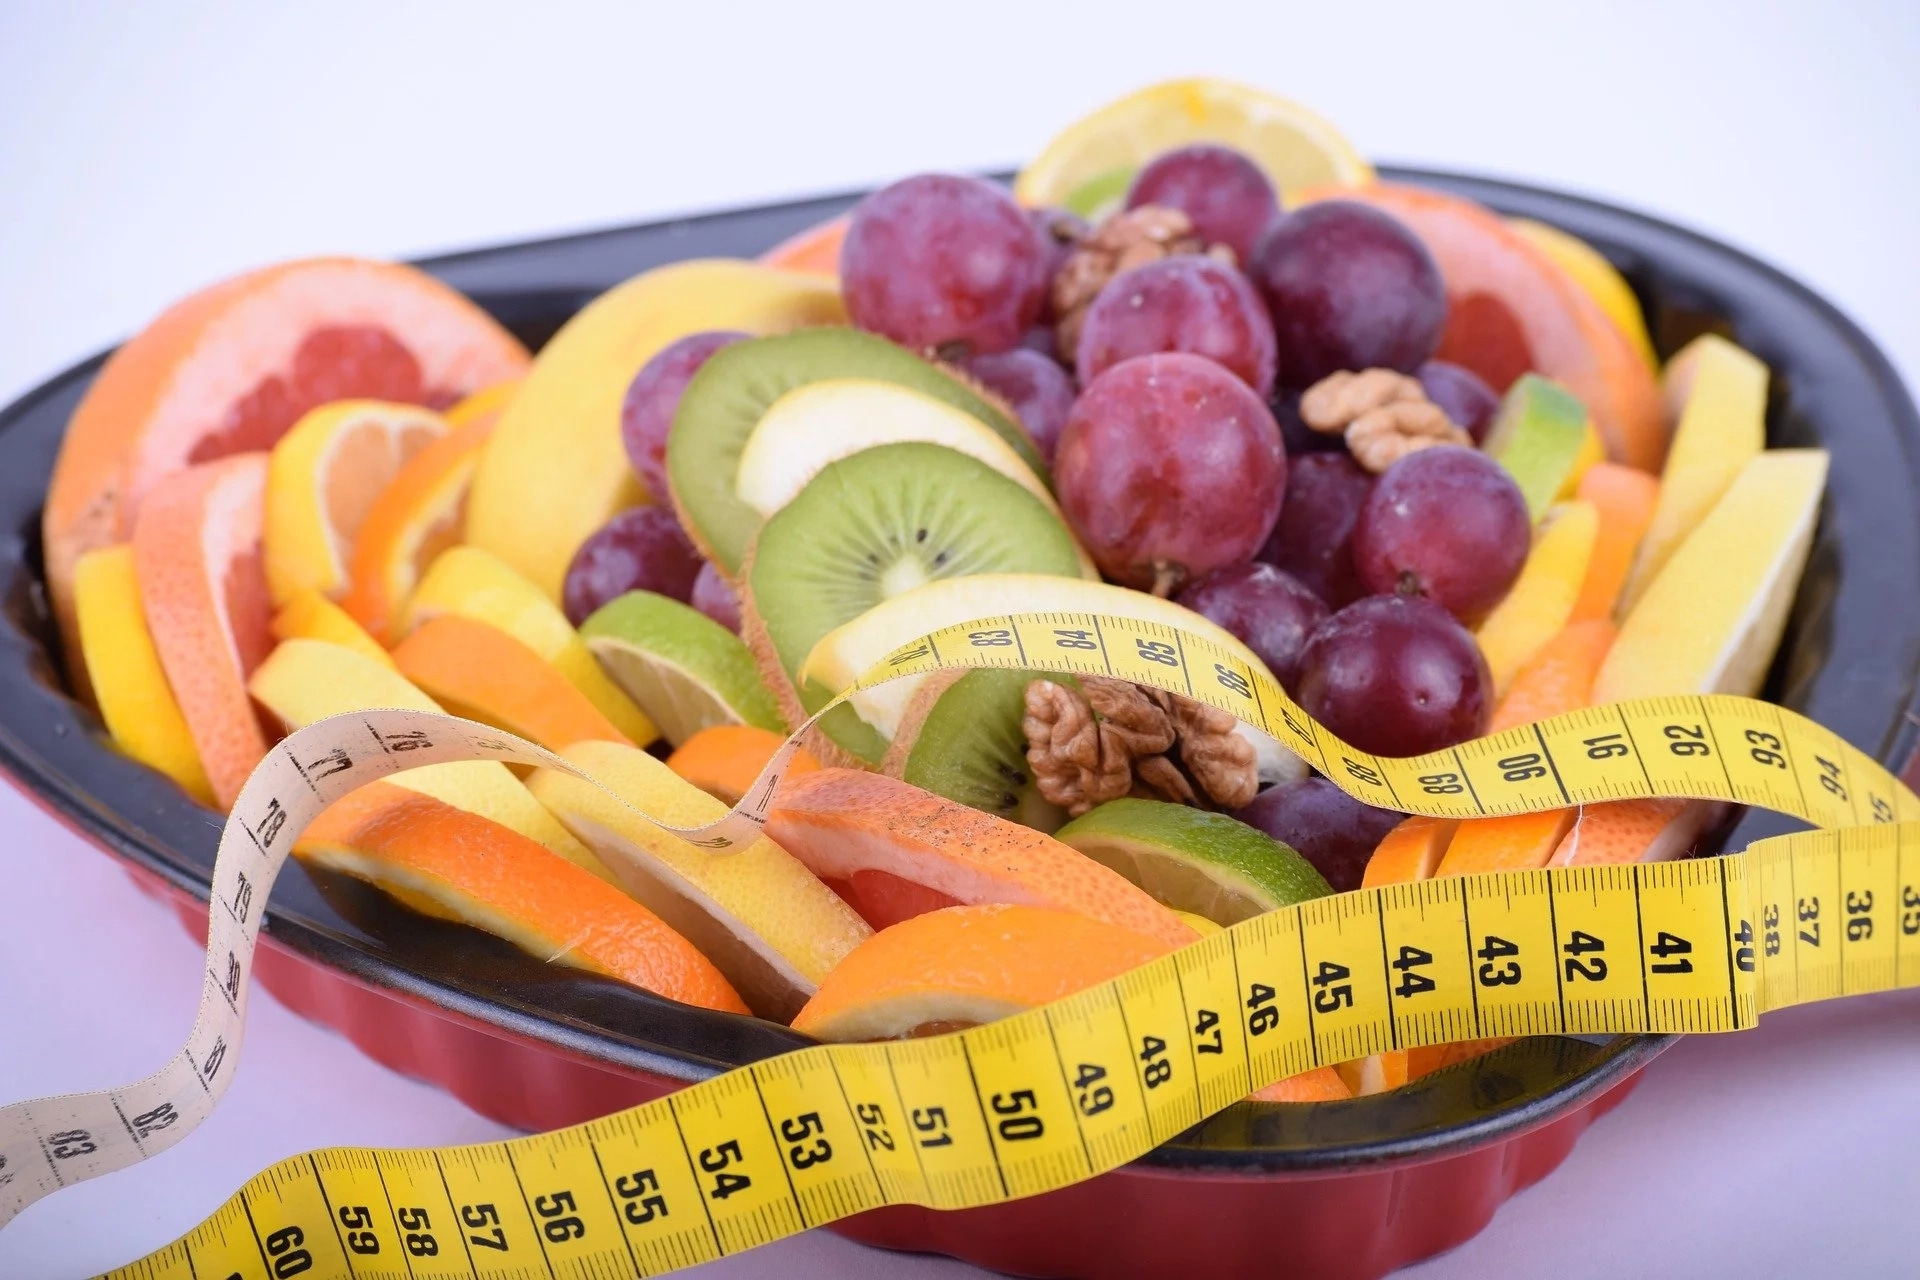 Какие Фрукты Самые Полезные При Диете. Фрукты во время диеты